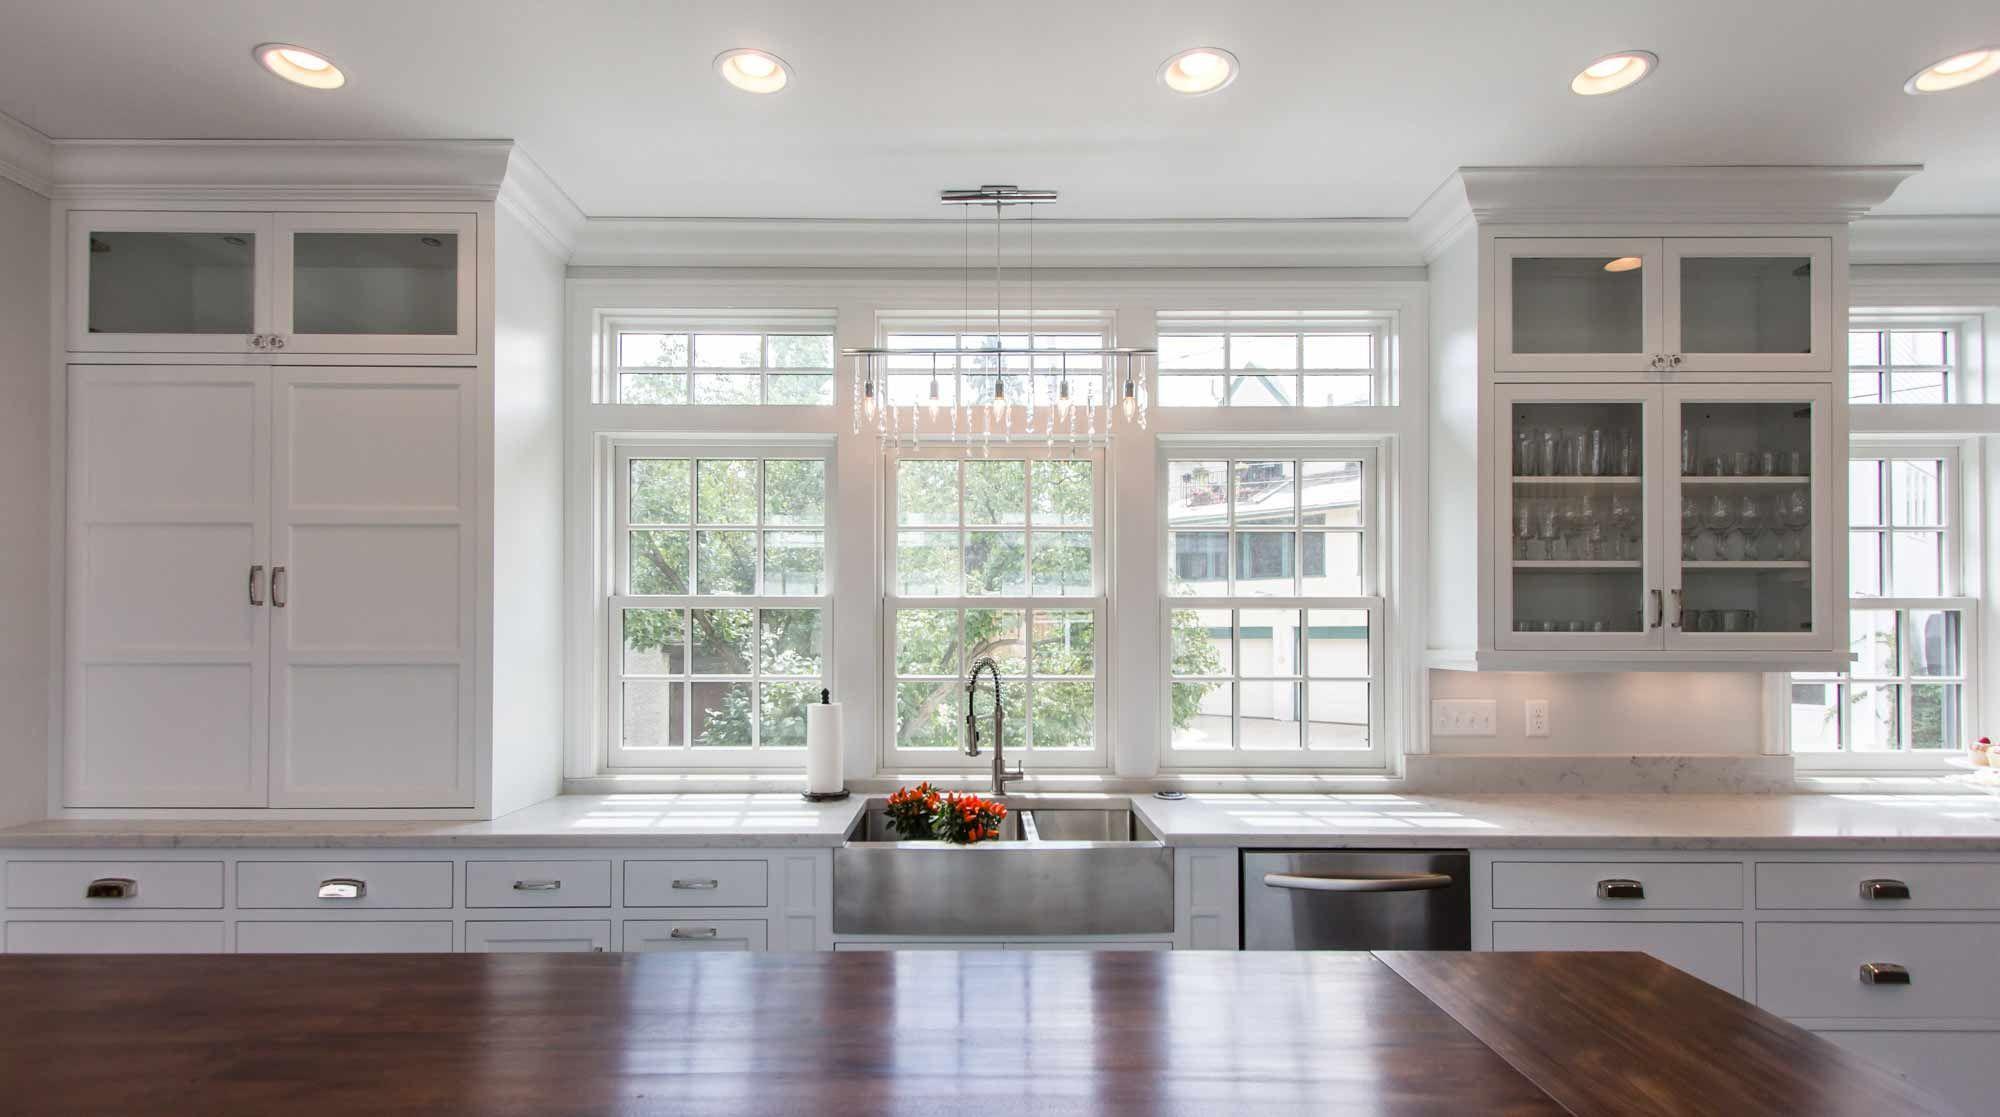 Wentworth Avenue Kitchen Metropolis Design Group Kitchen Traditional Kitchen Kitchen Cabinets